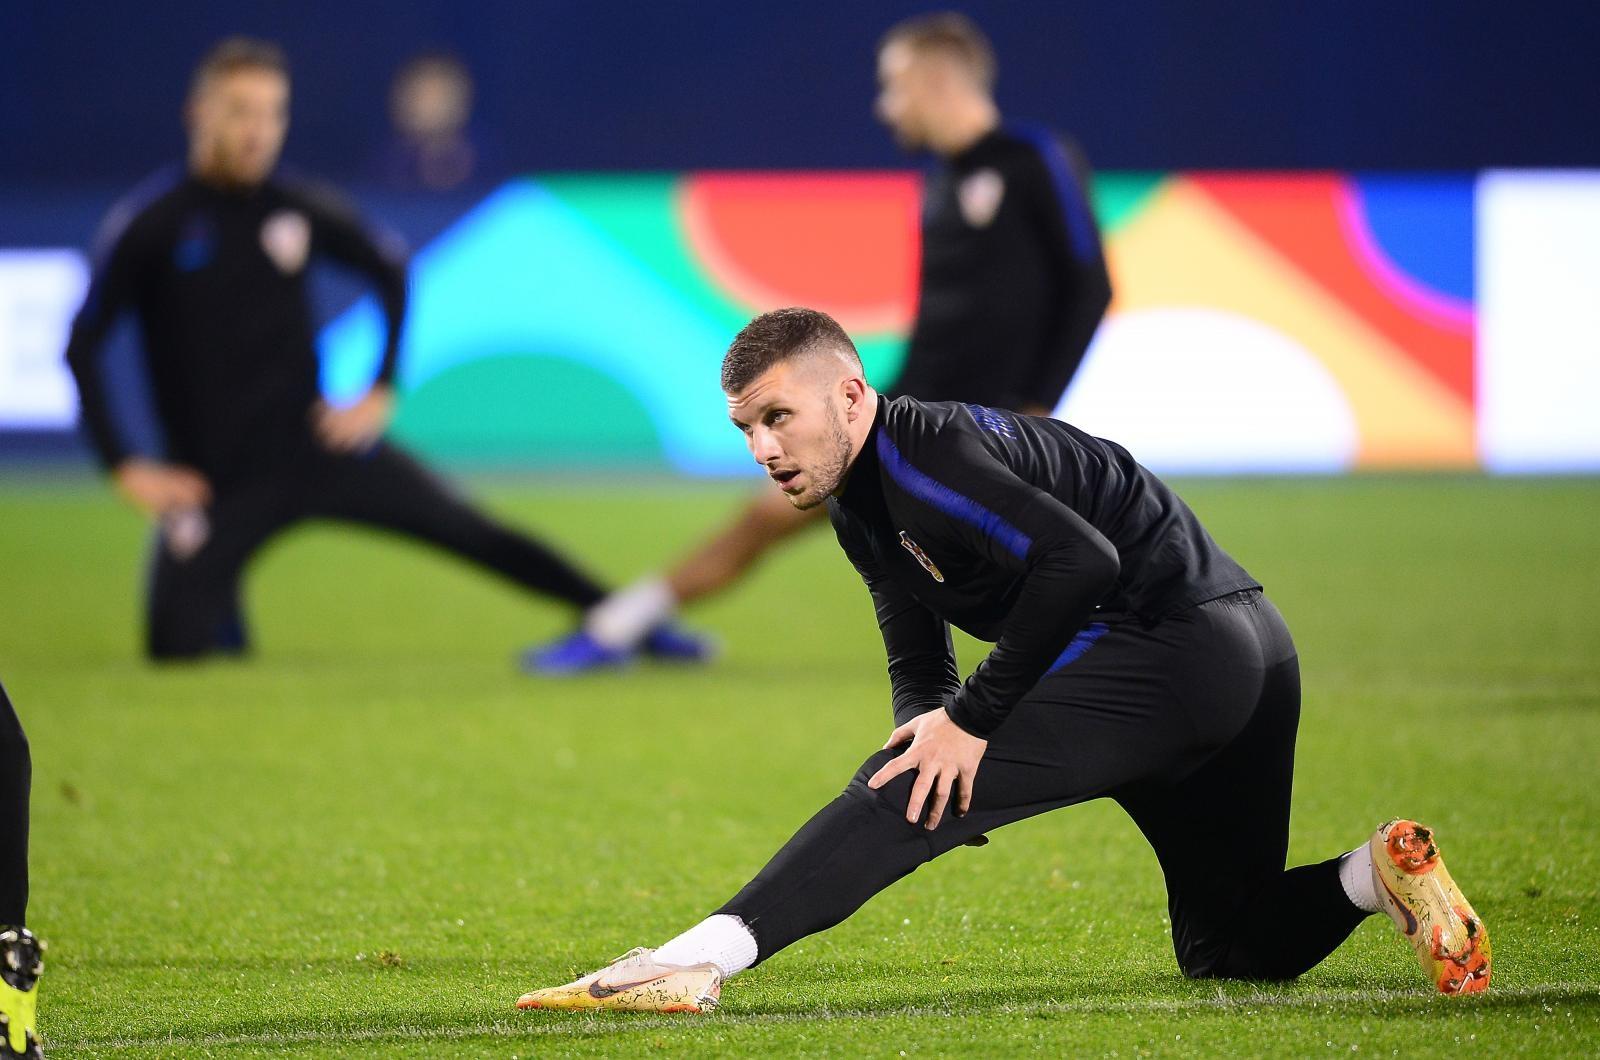 Gol Rebića u remiju Eintrachta